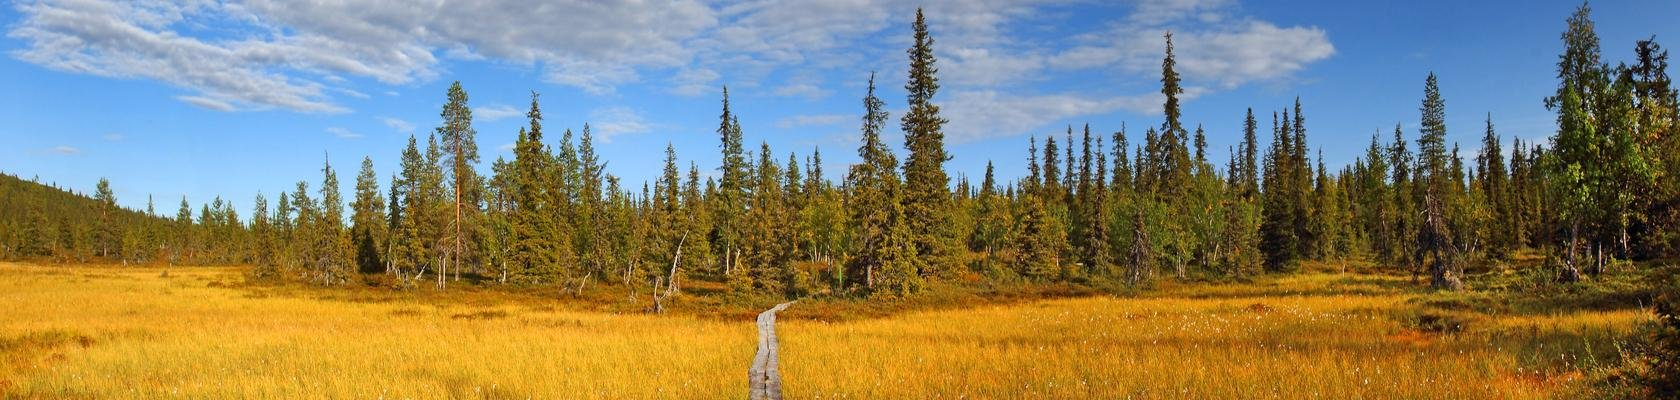 Wandelpad in Urho Kekkonen Nationaal Park